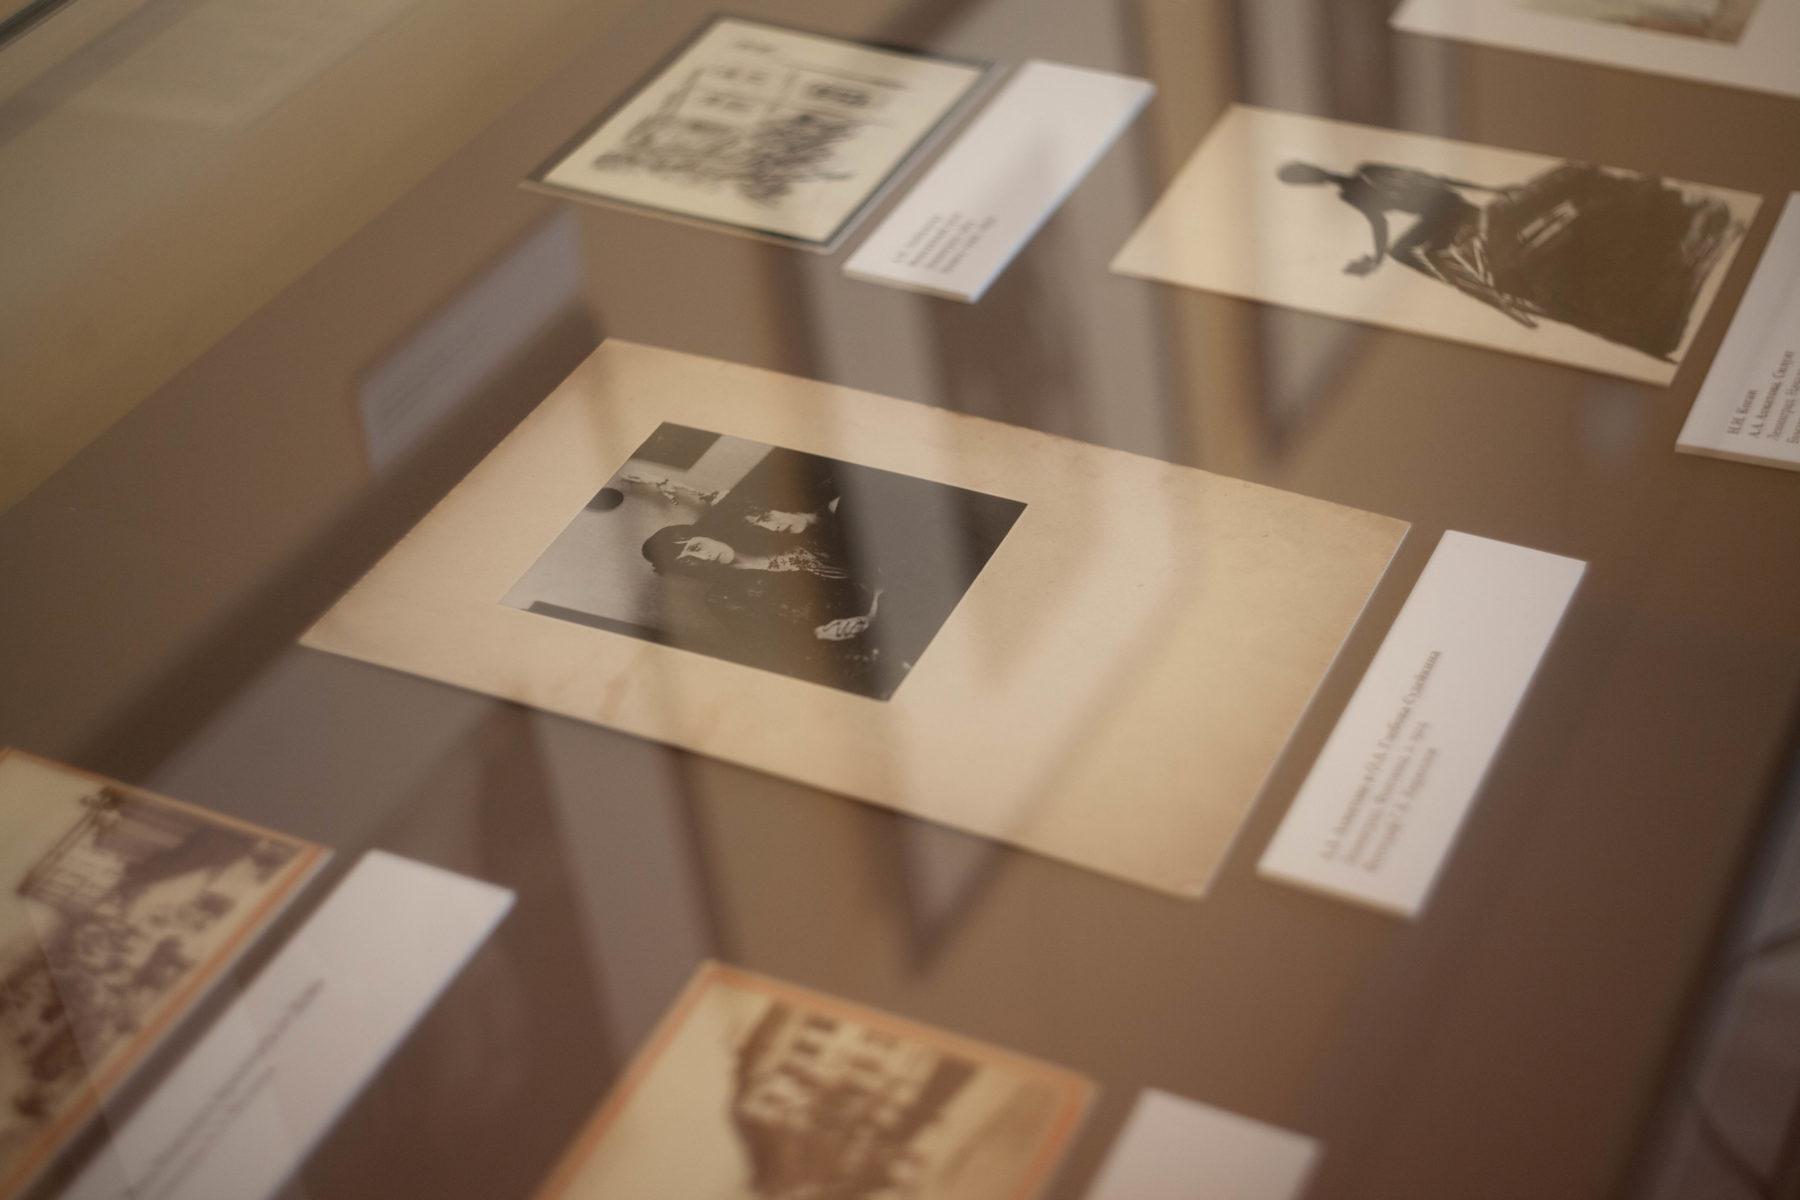 Кураторская экскурсия по выставке «А я говорю, вероятно, за многих…» – события на сайте «Московские Сезоны»